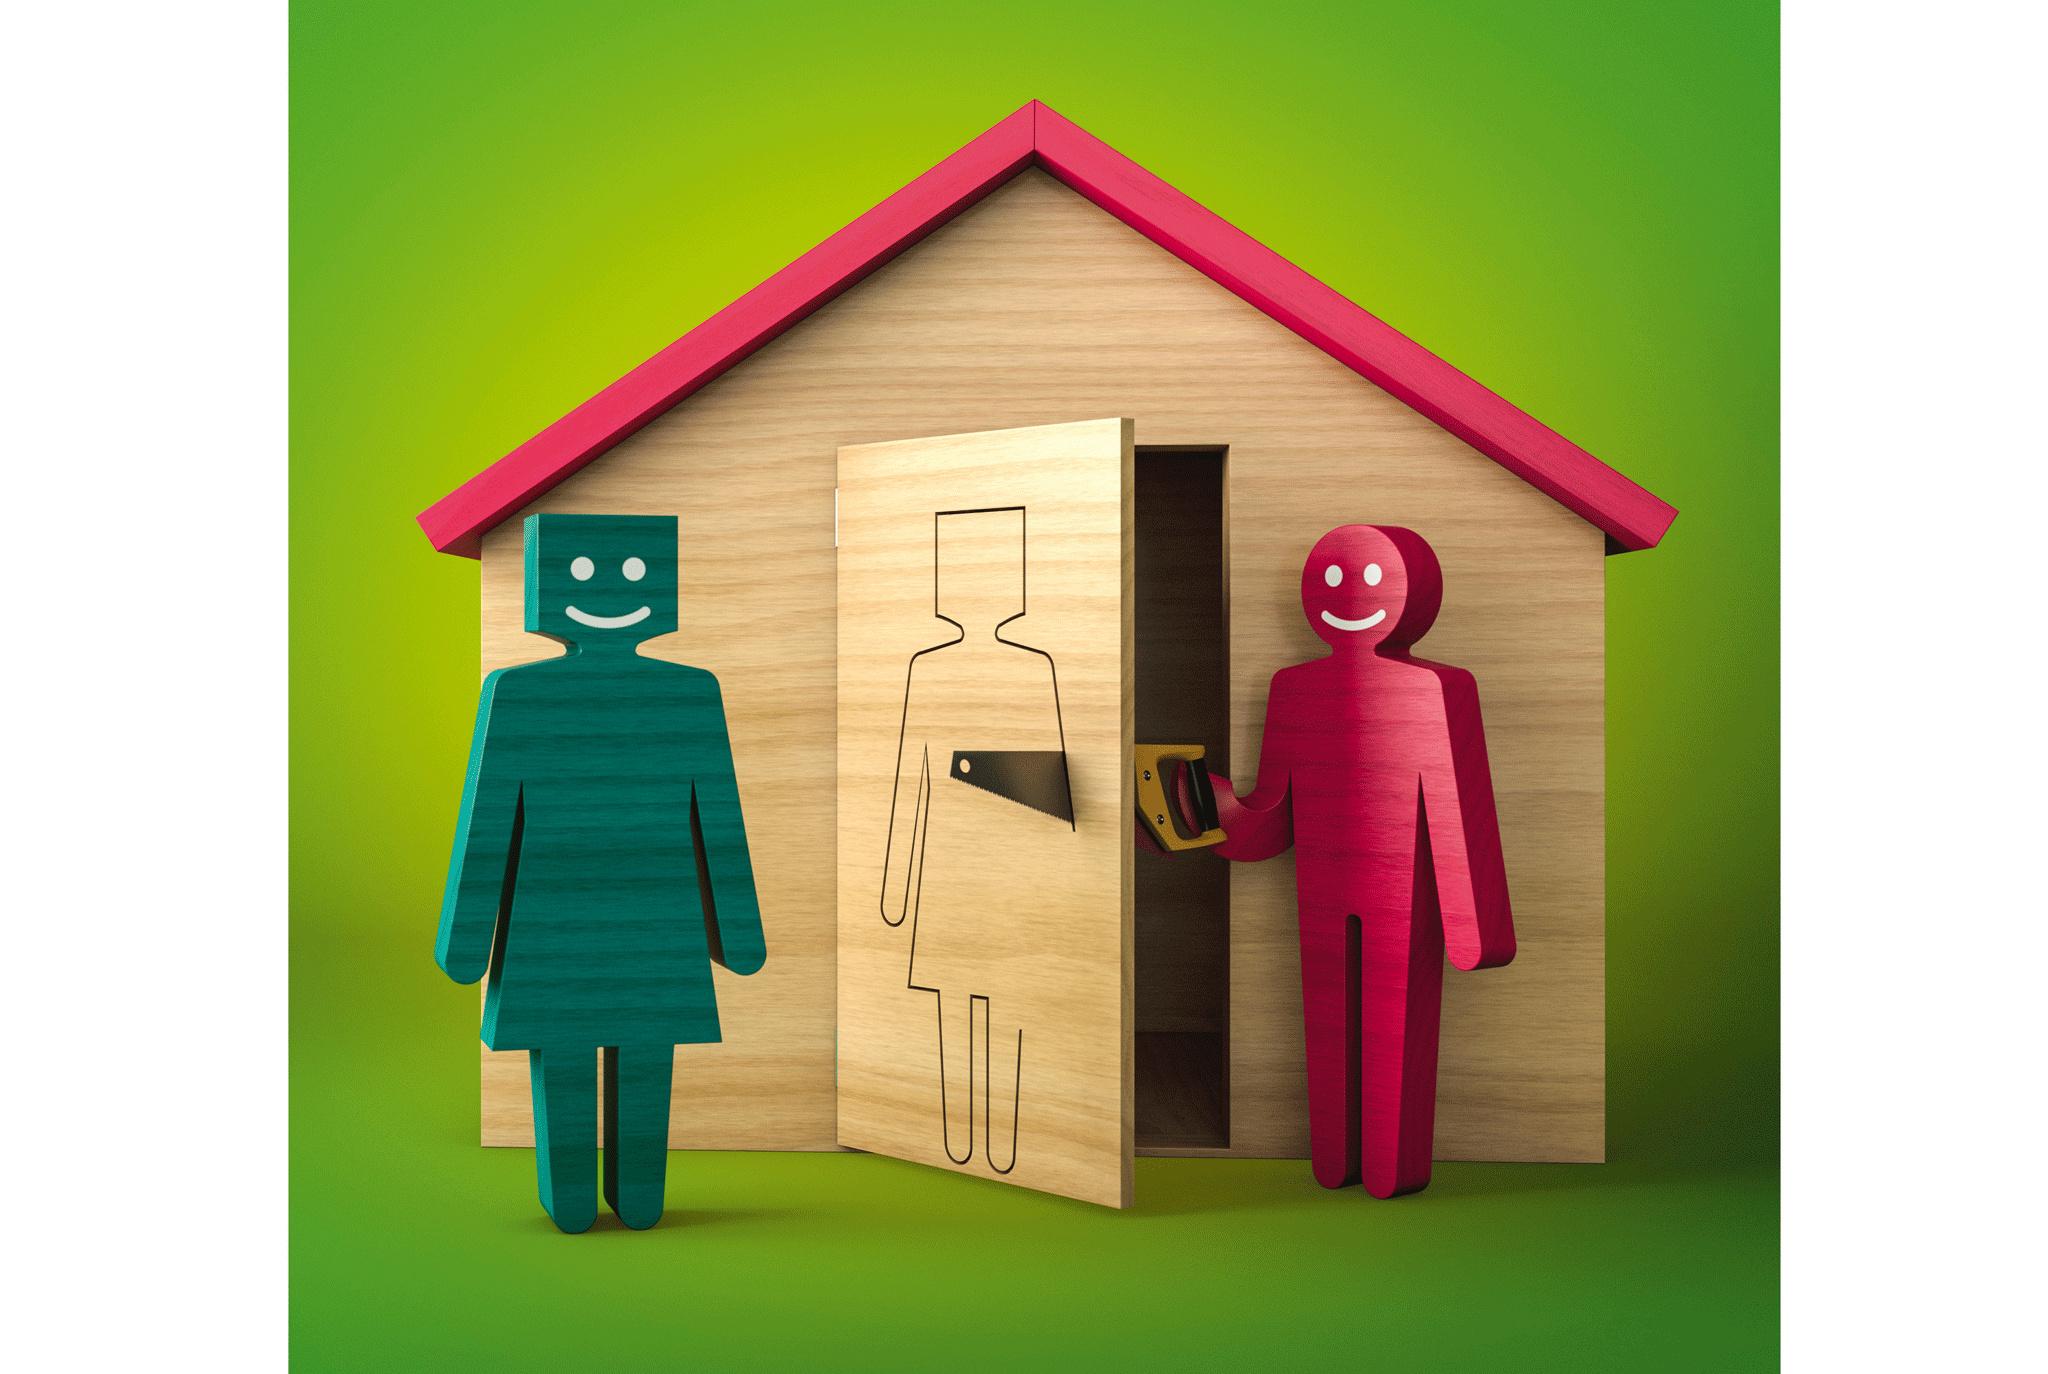 smarte schl sser mit tasker steuern und ins smart home einbinden c 39 t magazin. Black Bedroom Furniture Sets. Home Design Ideas